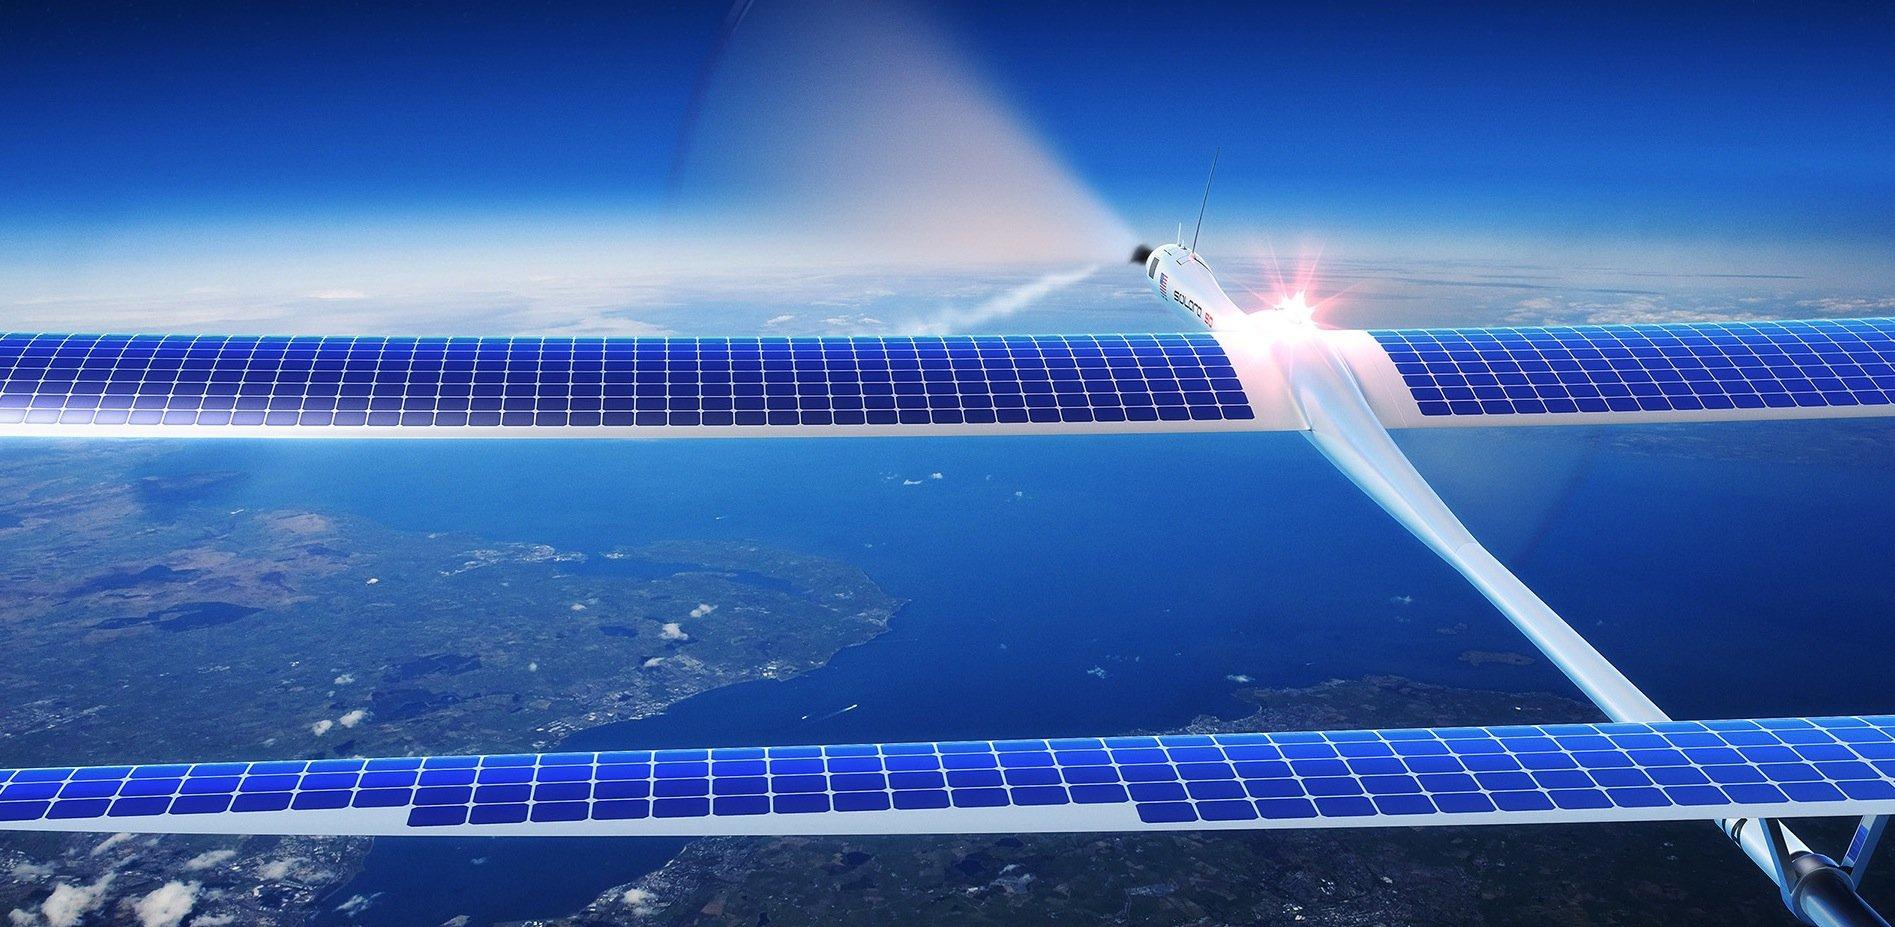 """Die Drohnen """"Solara"""" 50 und 60 starten per Batterie und speichern dann Solarenergie. Laut Hersteller Titan Aerospace können sie fünf Jahre lang am Himmel kreisen, ohne landen zu müssen."""